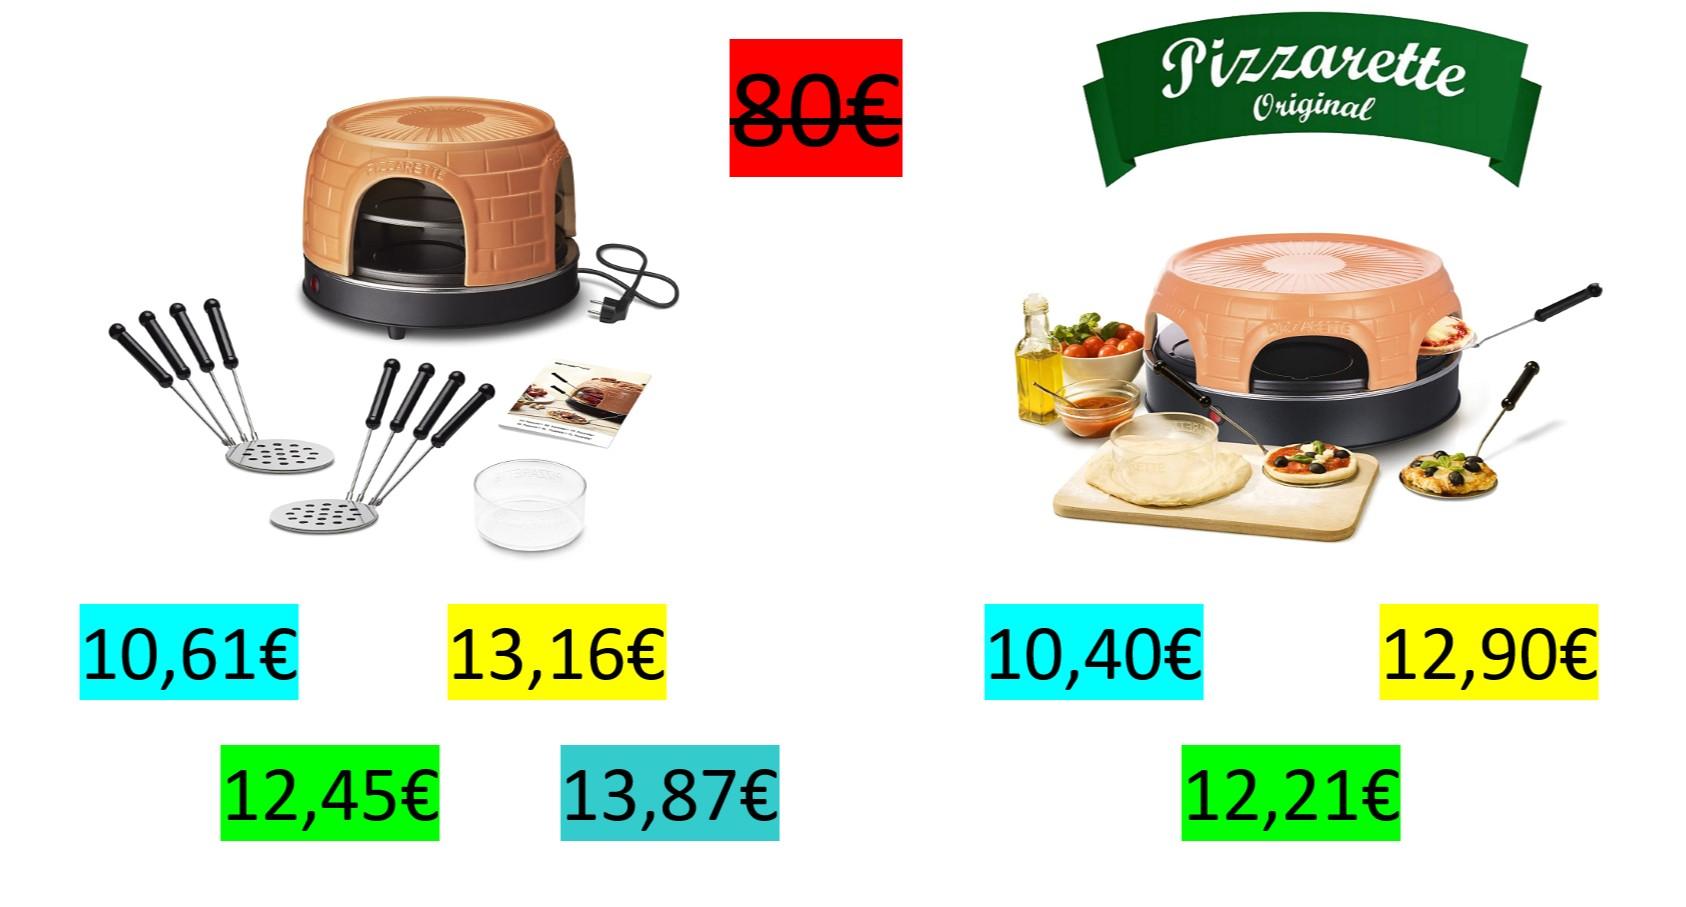 Hornos para minipizzas a preciazos (reacos)